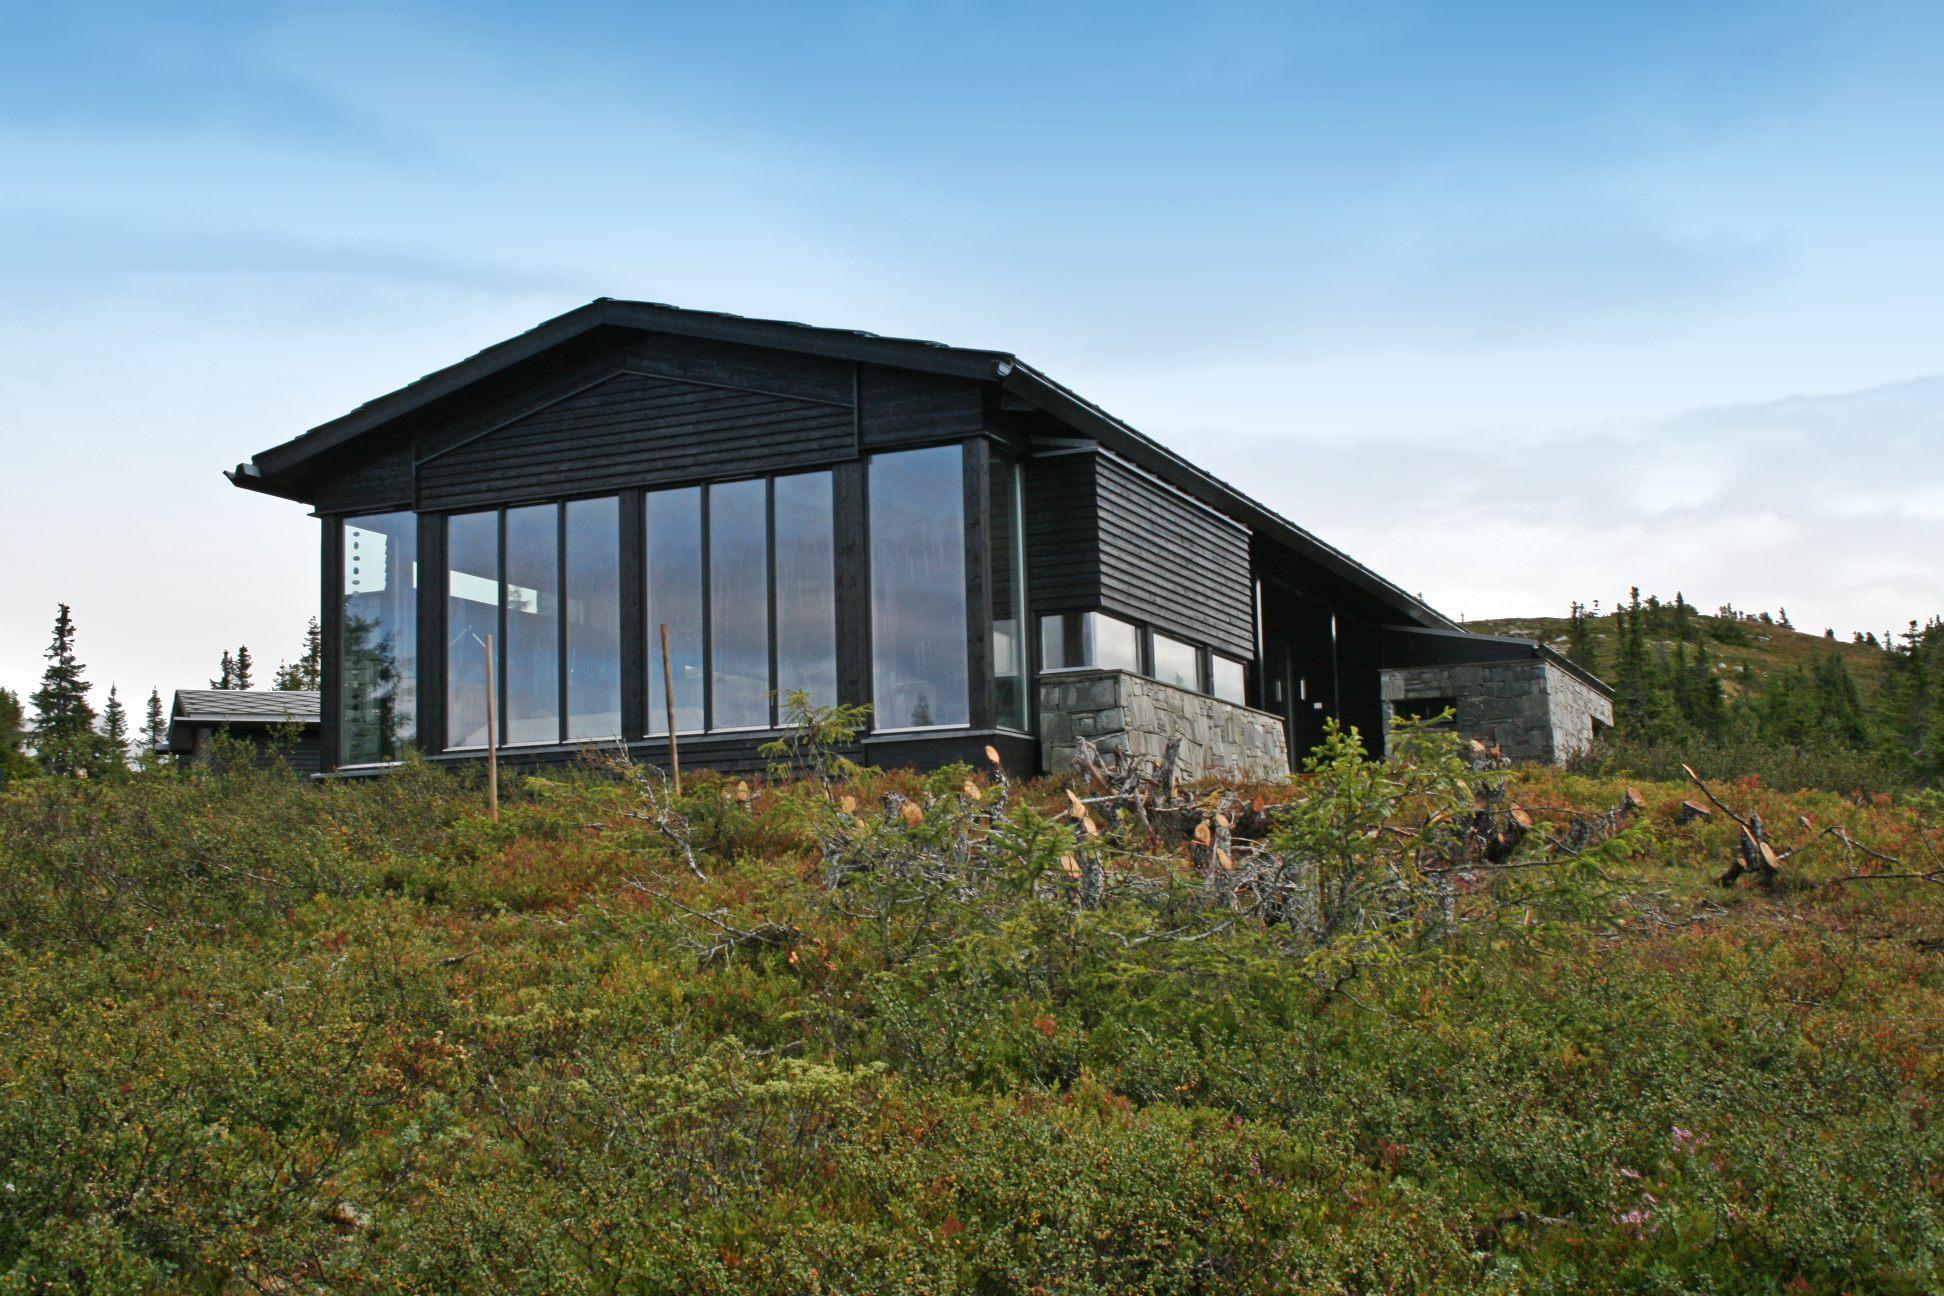 Arkitekt tegnet Hytte Fritidsbolig Kvitfjell 03_RAM arkitektur Lillehammer Oppland_07.jpg